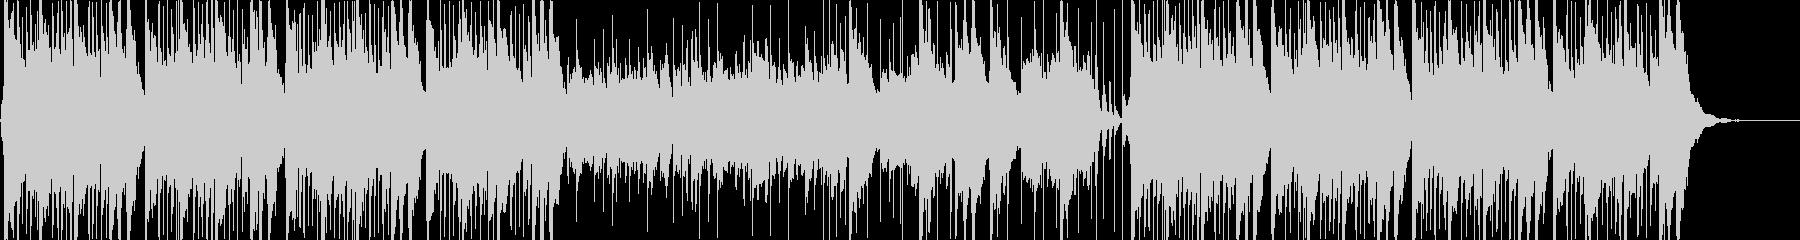 ギルドで流れてそうな民族音楽 ケルトの未再生の波形